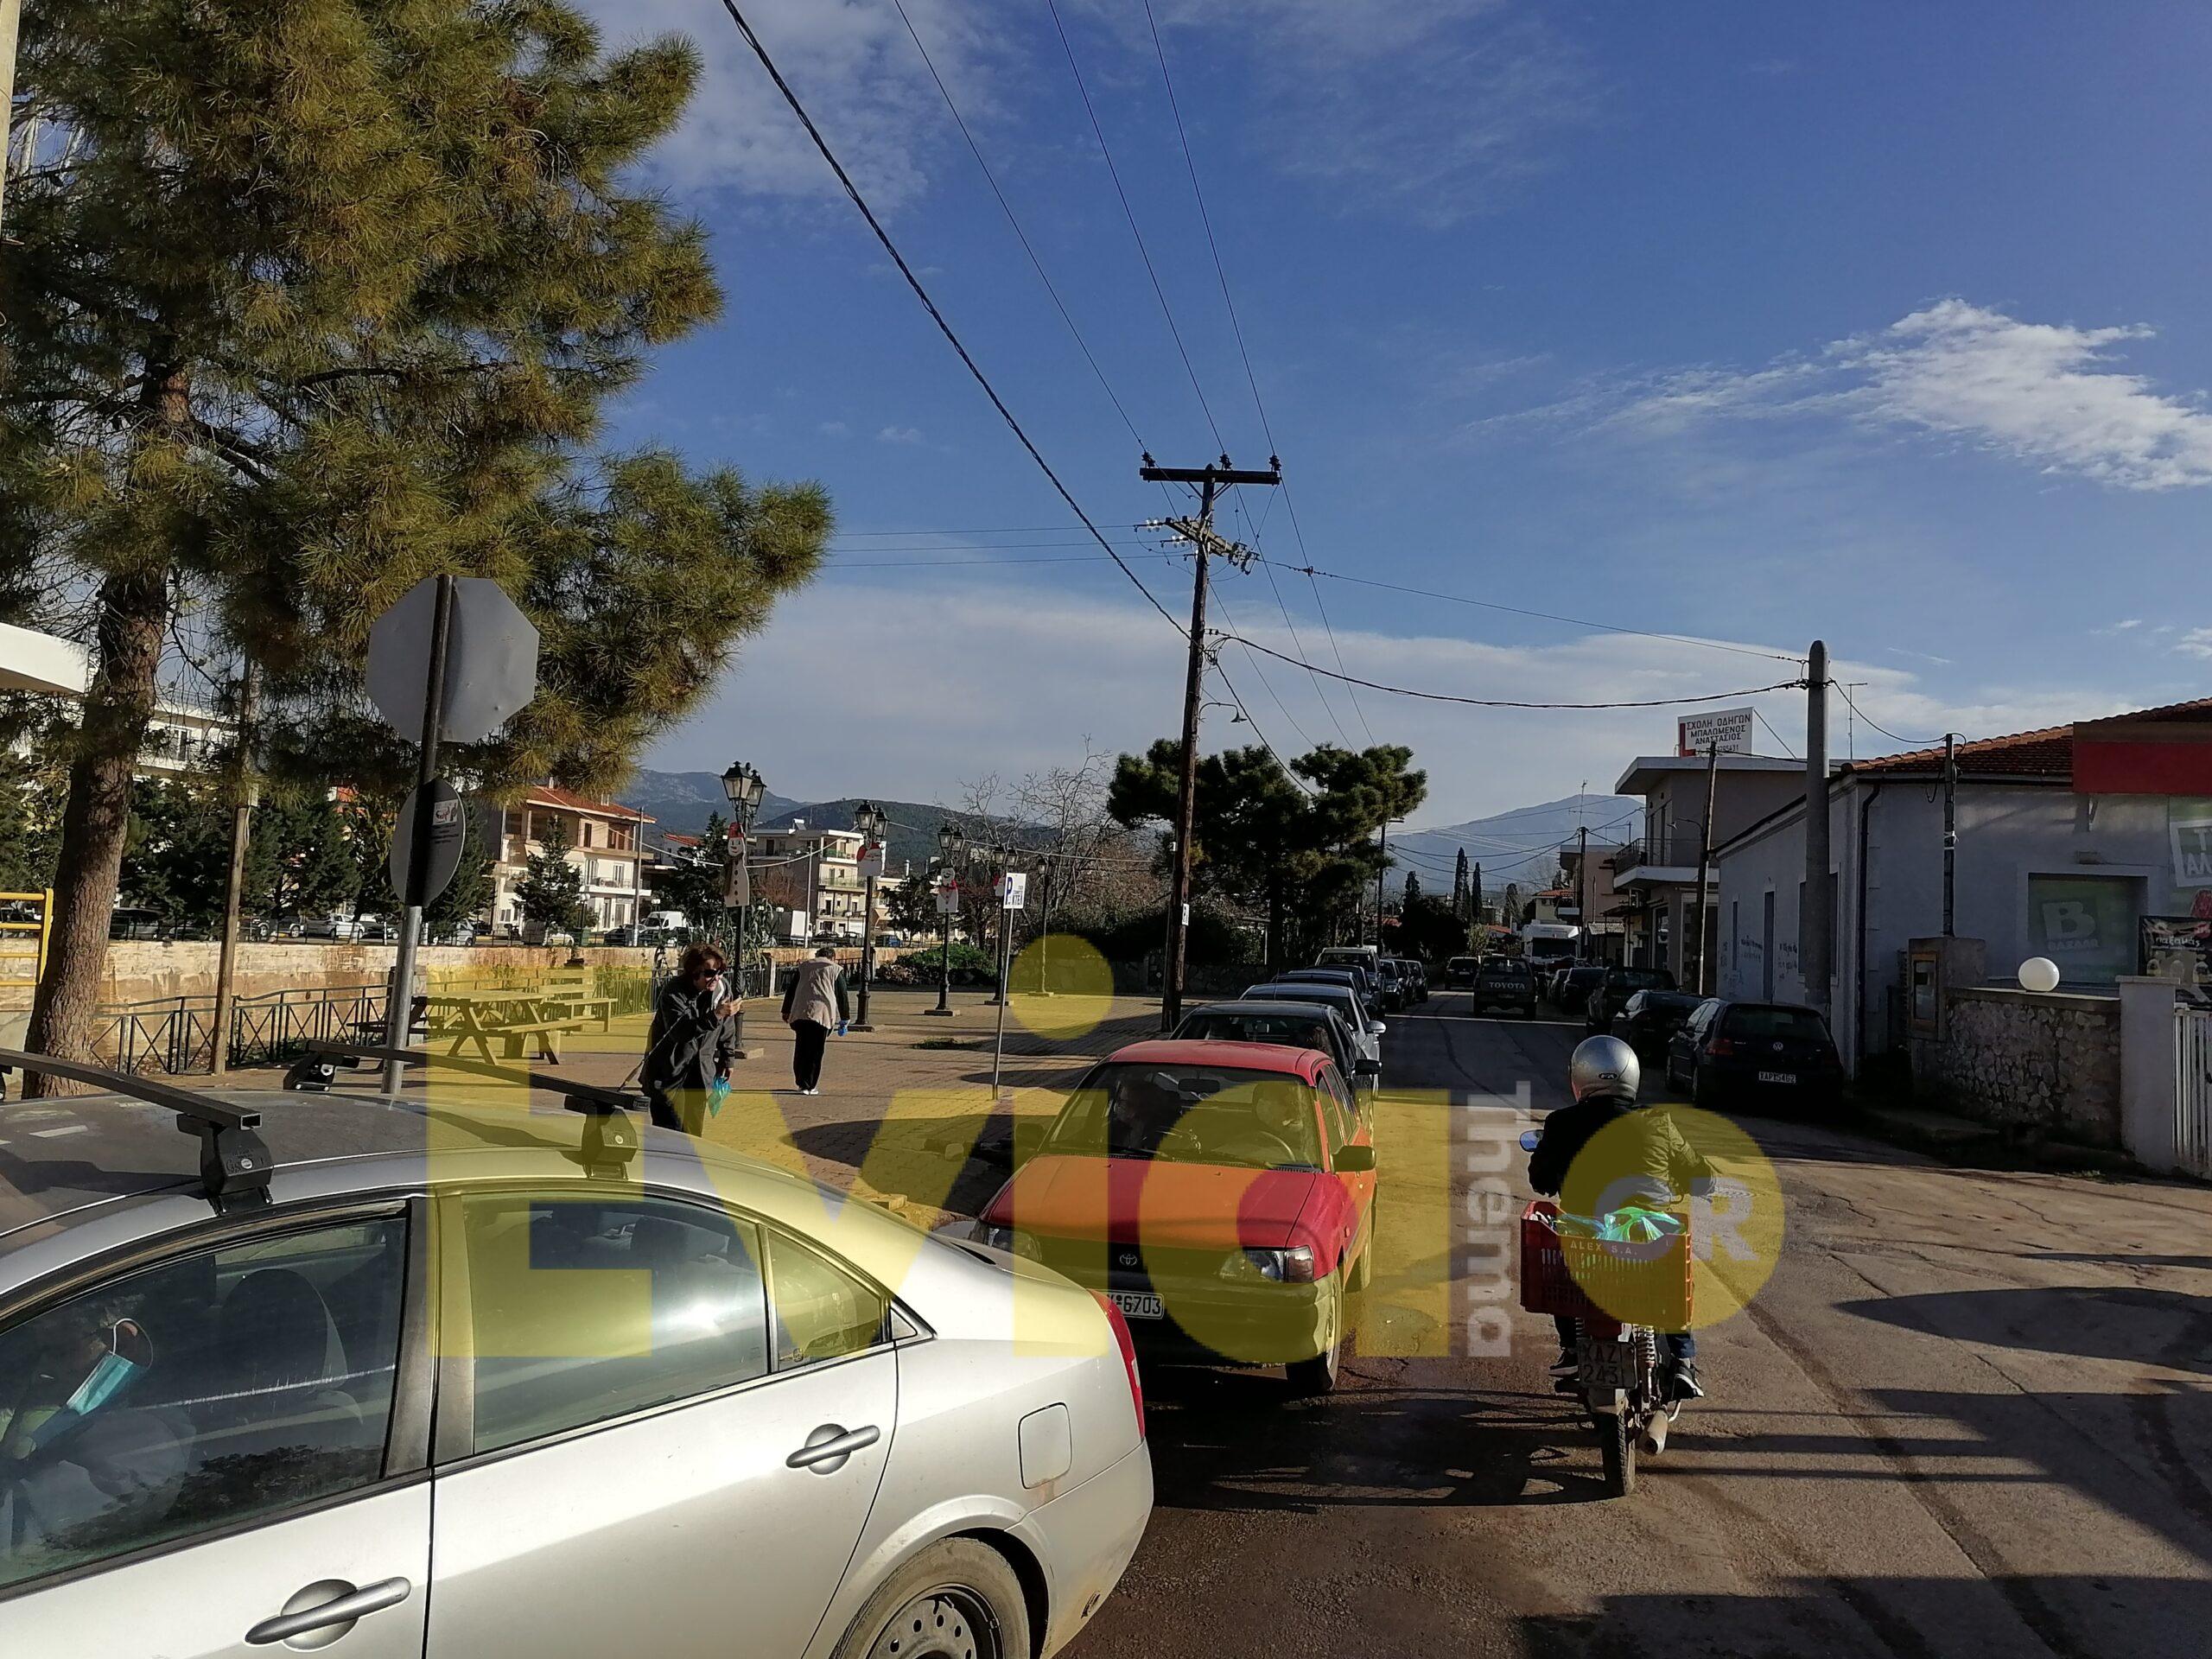 Ψαχνά Ευβοίας: Ουρά τα αυτοκίνητα για το Drive Through Testing, Ψαχνά Ευβοίας: Ουρά τα αυτοκίνητα για το Drive Through Testing μπροστά στο Δημαρχείο[ΦΩΤΟΓΡΑΦΙΕΣ – ΒΙΝΤΕΟ], Eviathema.gr | ΕΥΒΟΙΑ ΝΕΑ - Νέα και ειδήσεις από όλη την Εύβοια